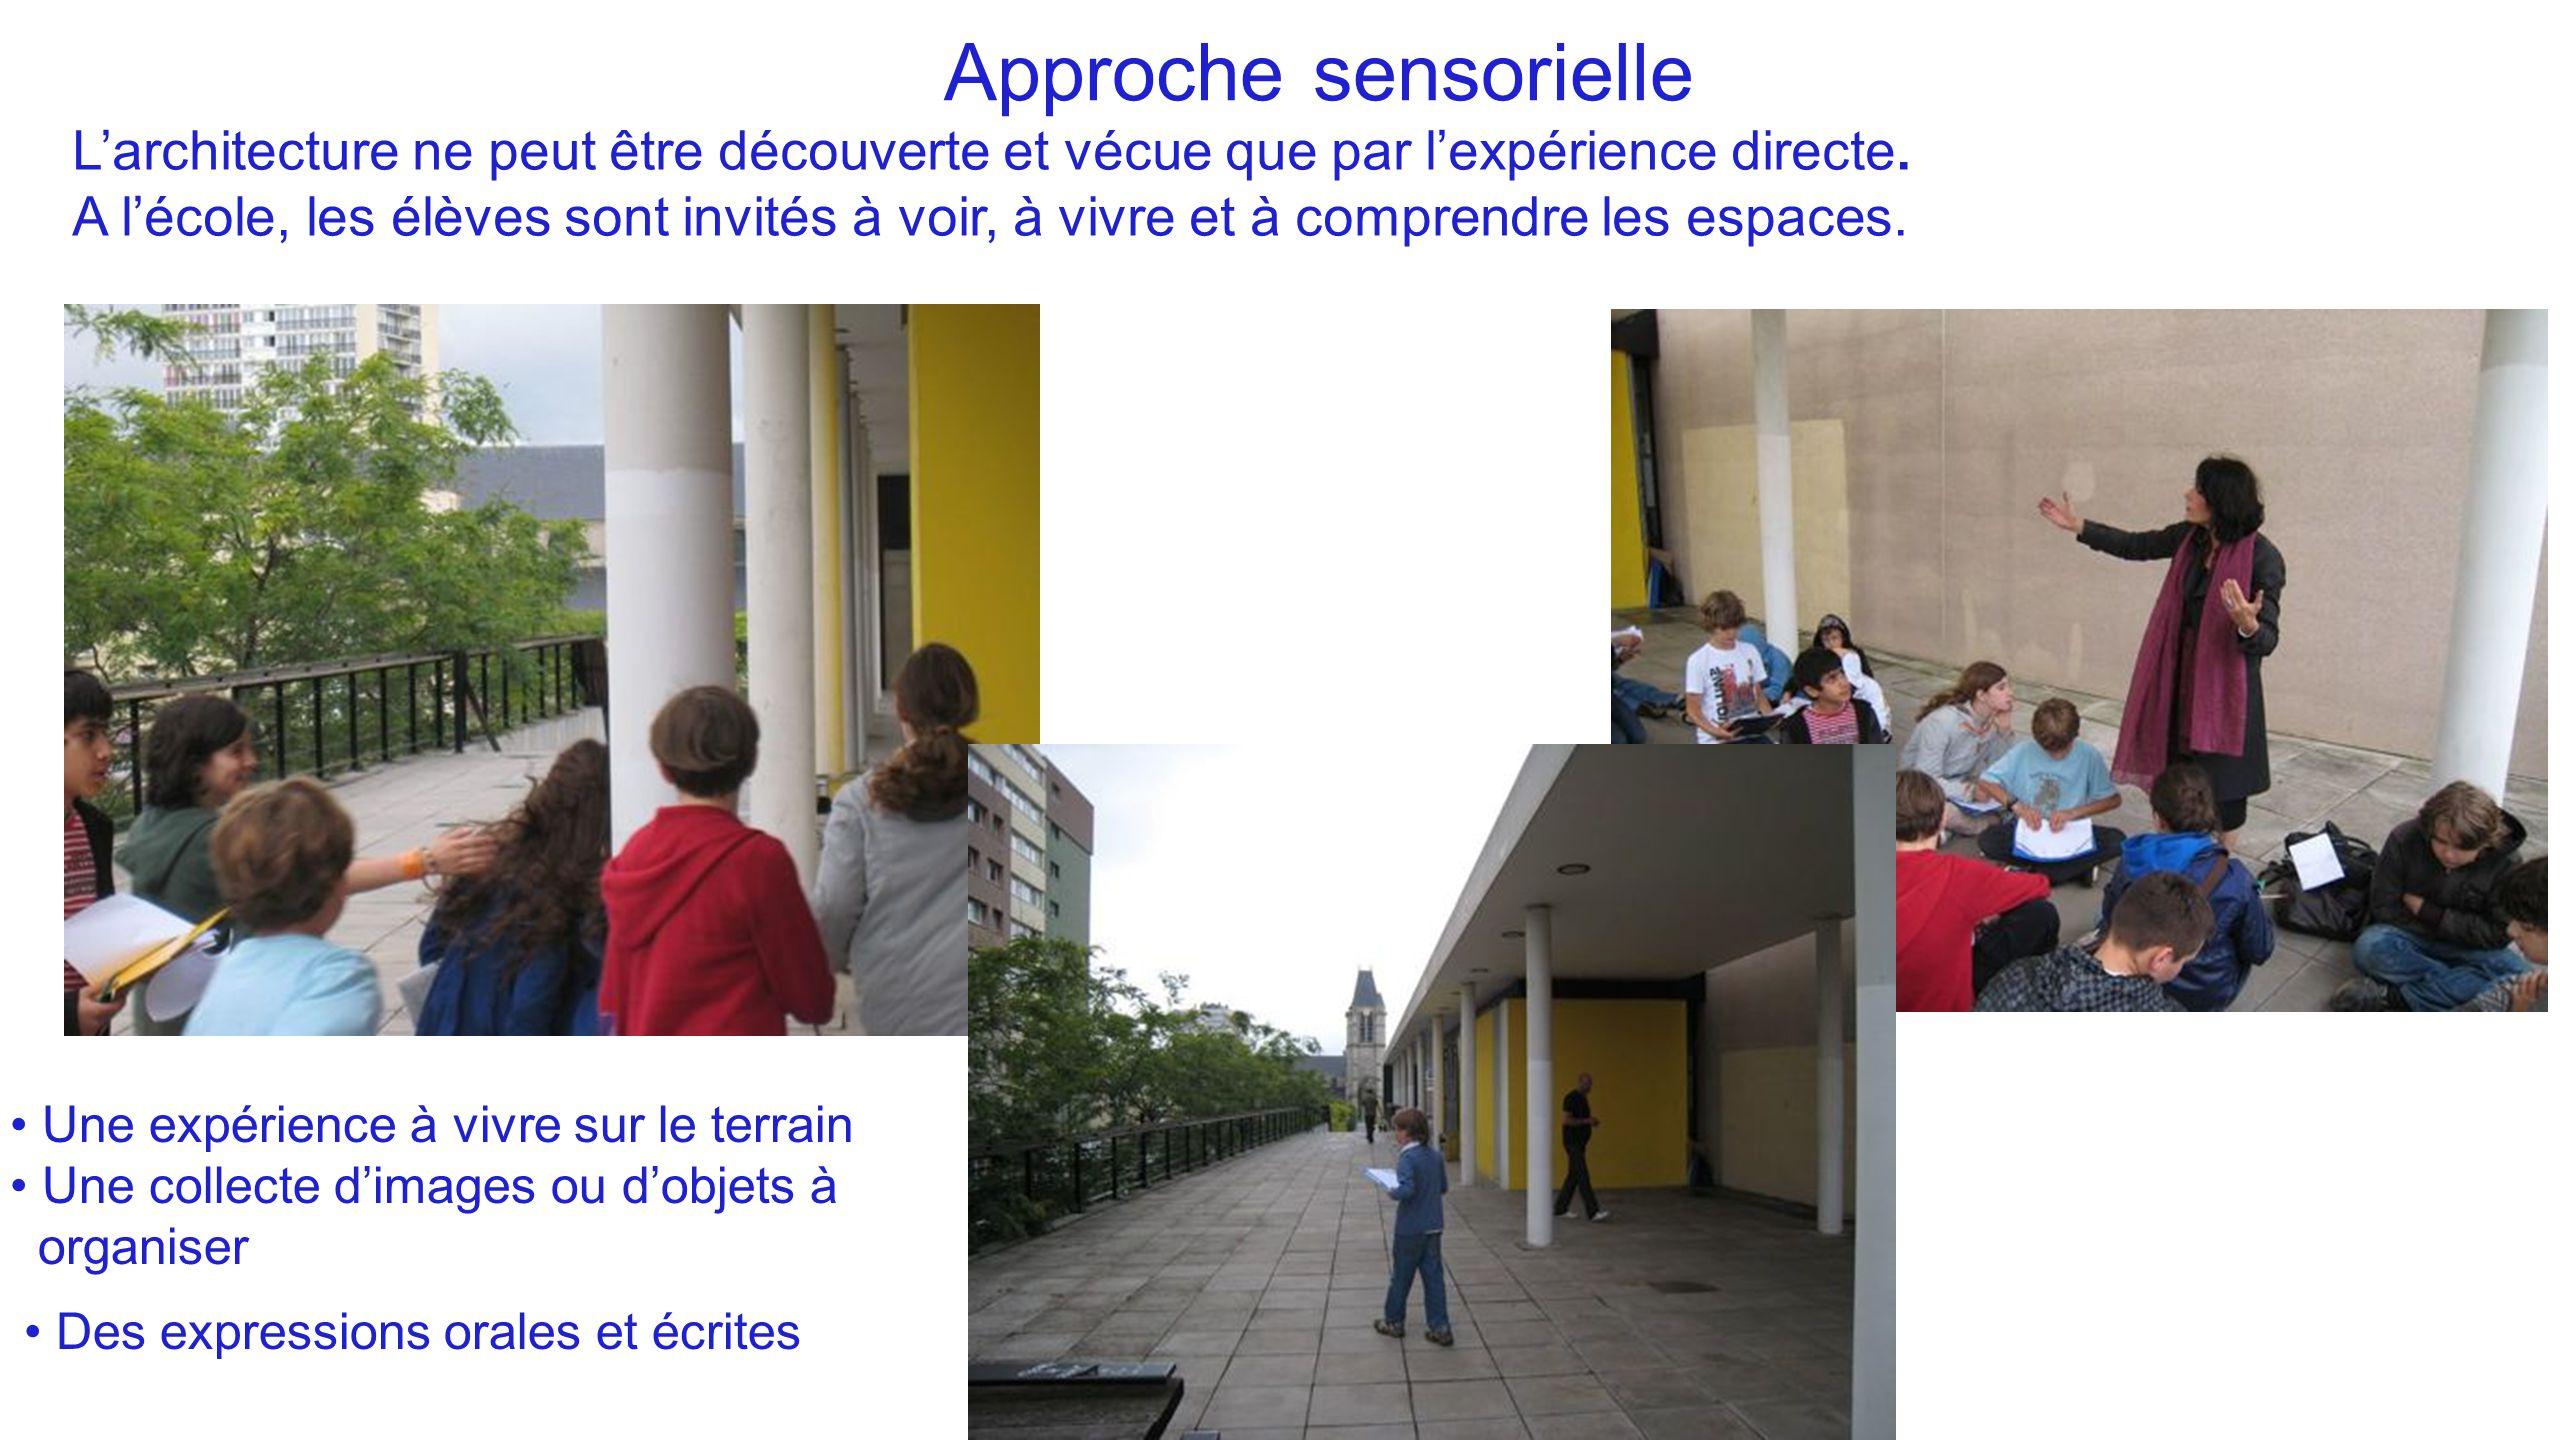 Approche sensorielle L'architecture ne peut être découverte et vécue que par l'expérience directe. A l'école, les élèves sont invités à voir, à vivre